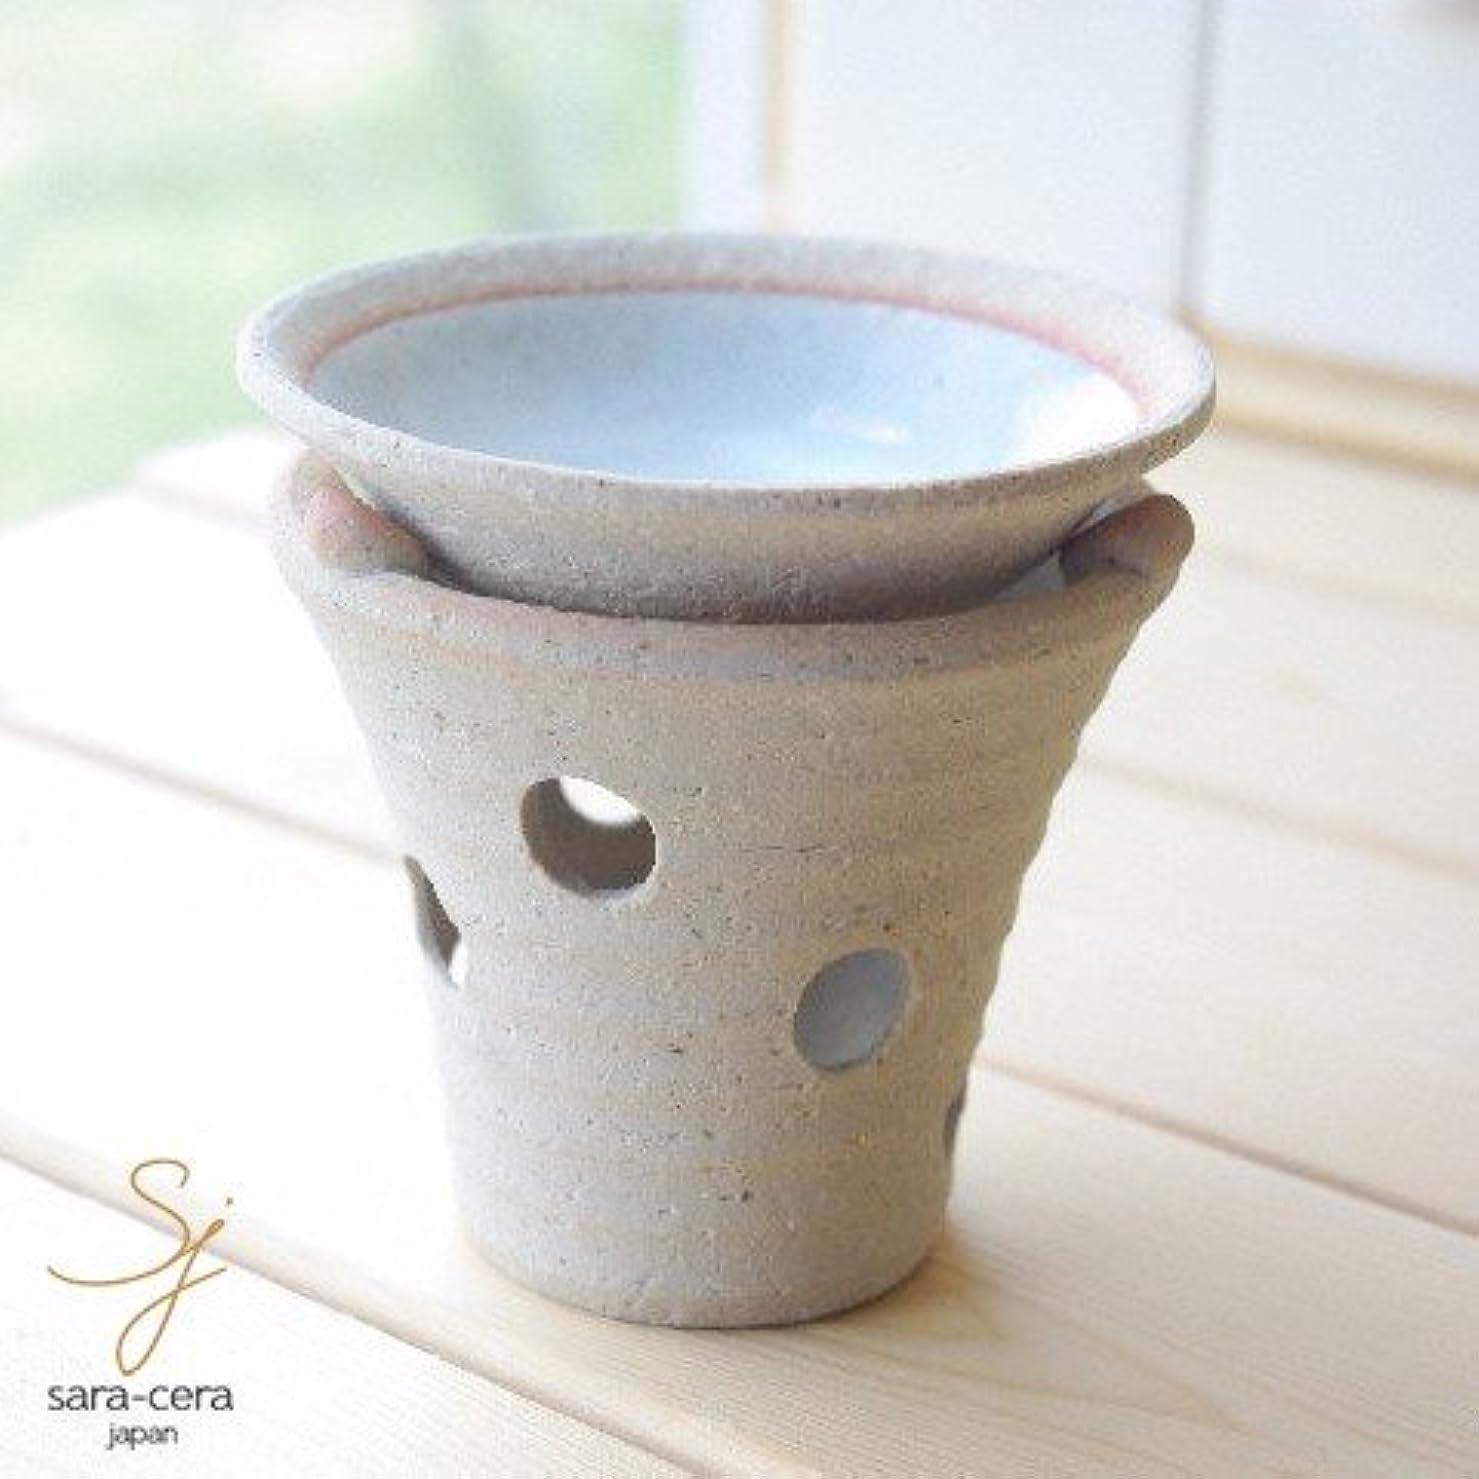 寛大な才能のある縞模様の松助窯 手作り茶香炉セット 白釉 ホワイト アロマ 和食器 リビング